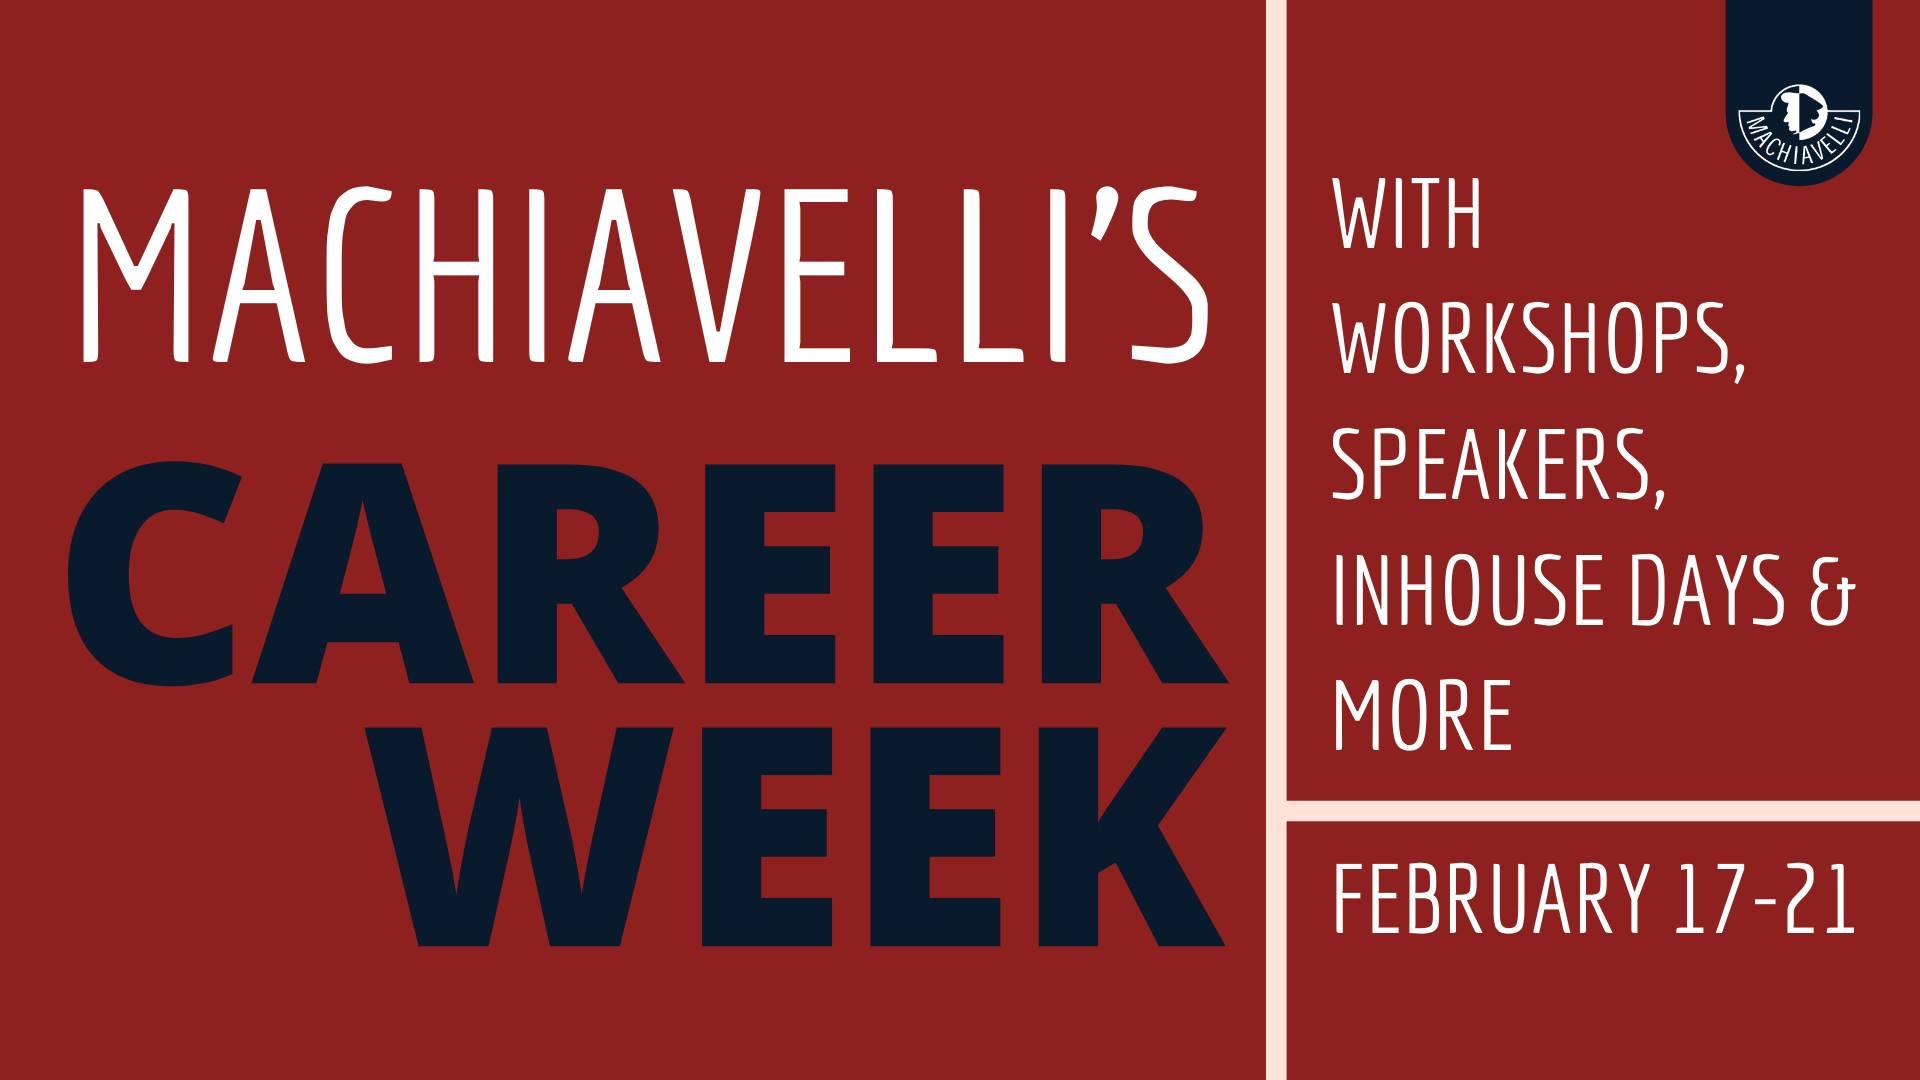 Machiavelli's Career Week